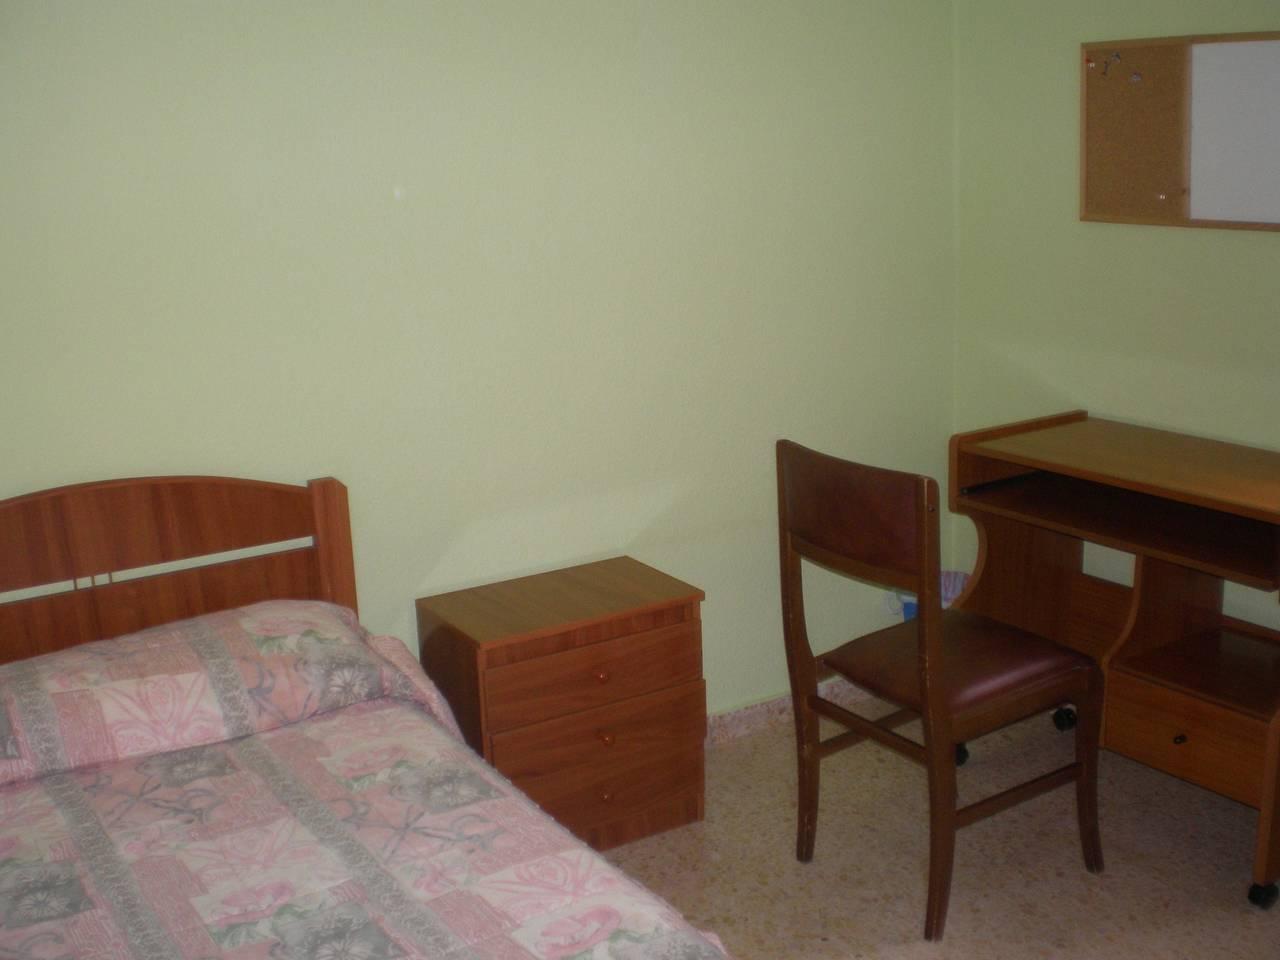 en soria se alquilan habitaciones en piso compartido  - Foto 4